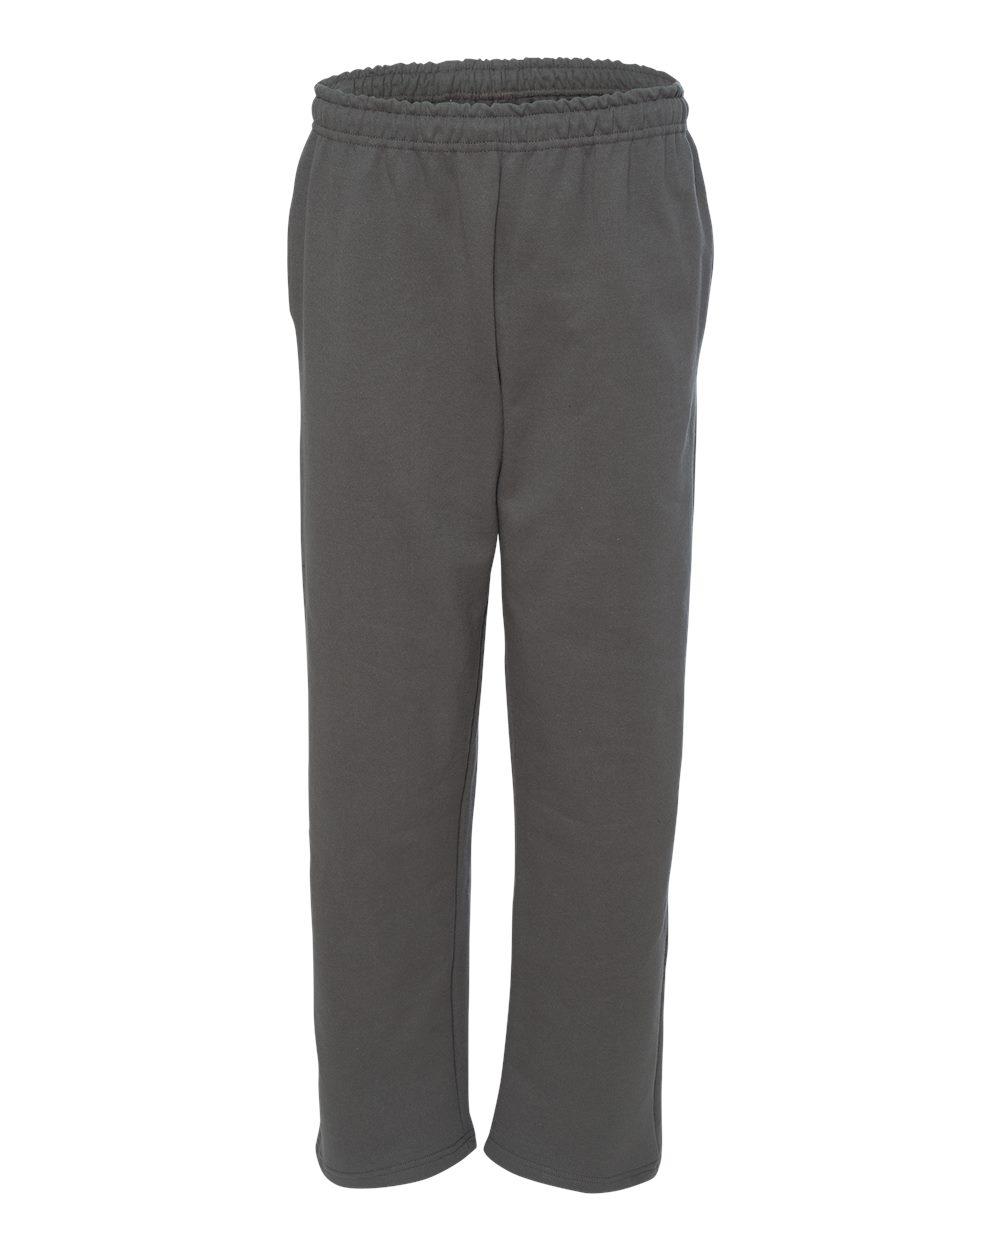 Gildan-Mens-DryBlend-Open-Bottom-Pocket-Sweatpants-12300-up-to-2XL thumbnail 9